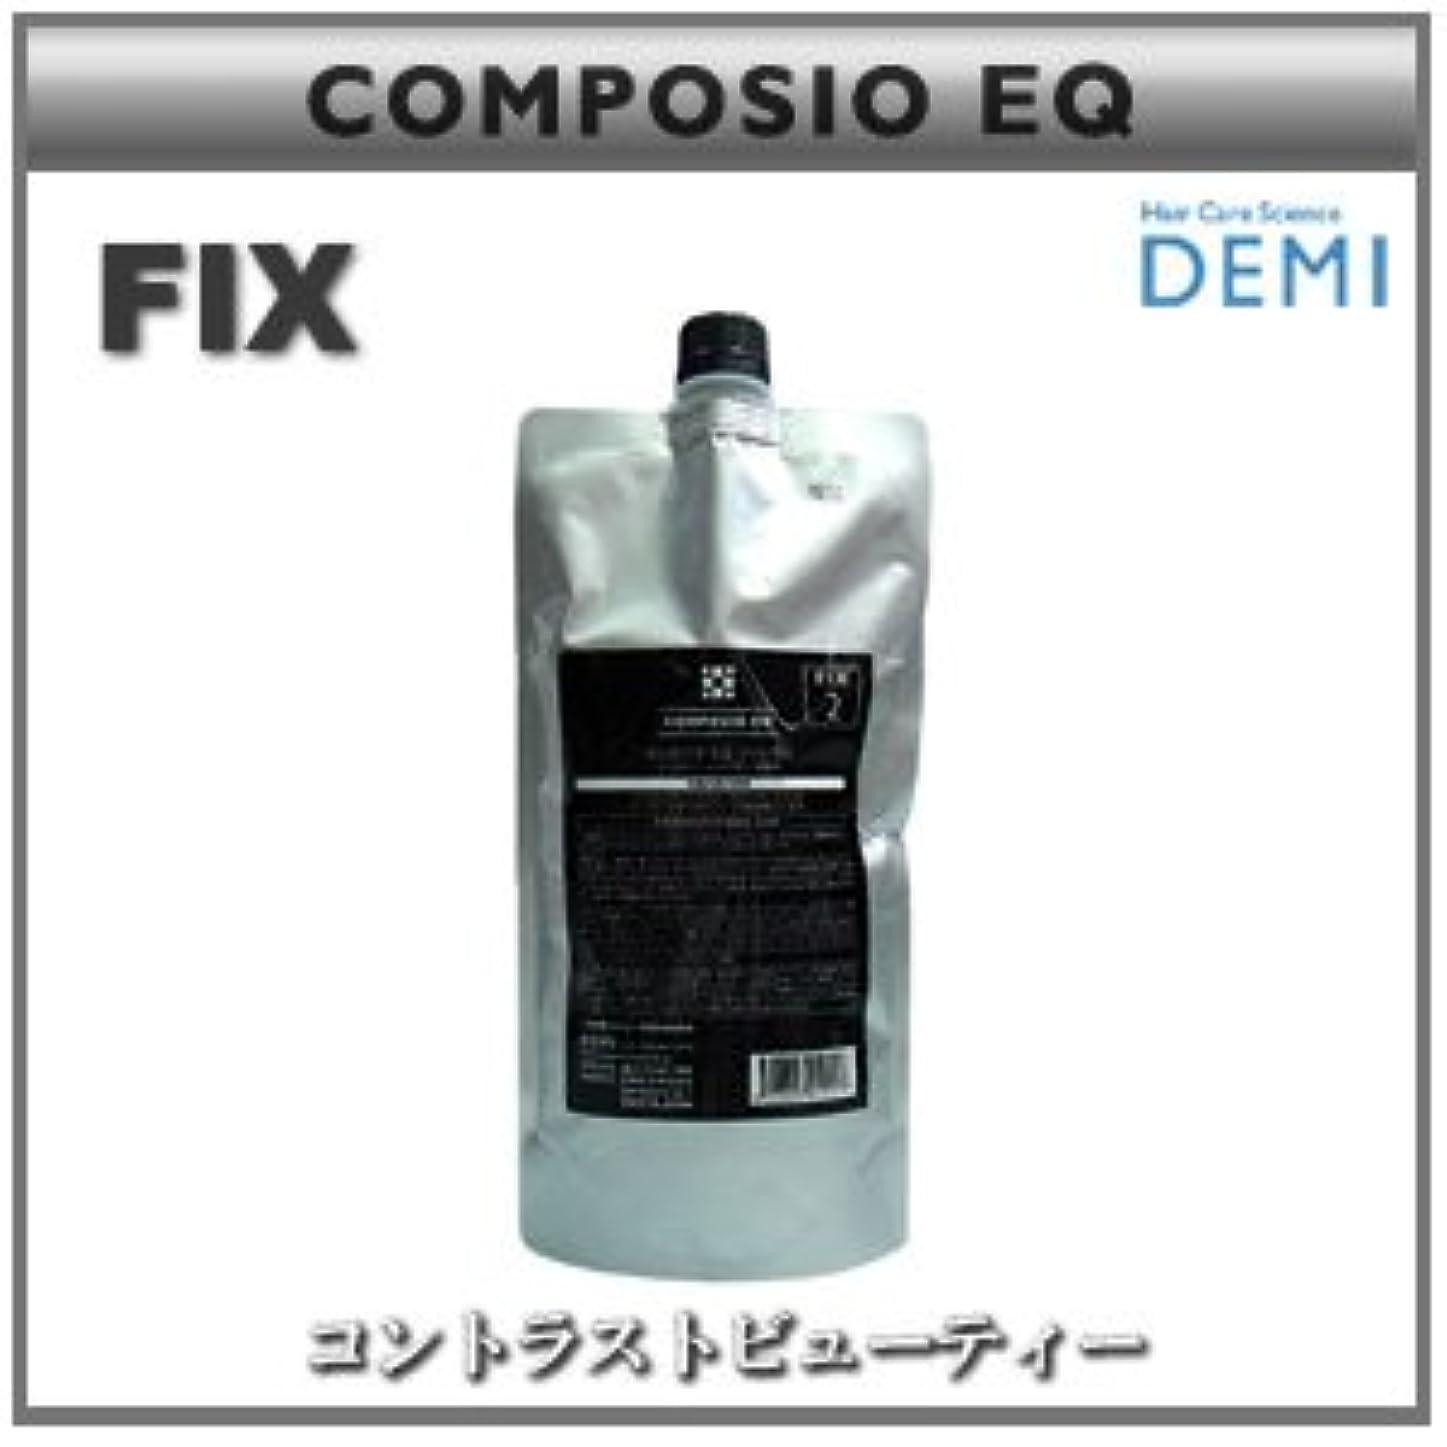 実質的周りアフリカ人【X2個セット】 デミ コンポジオ EQ フィックス 450g